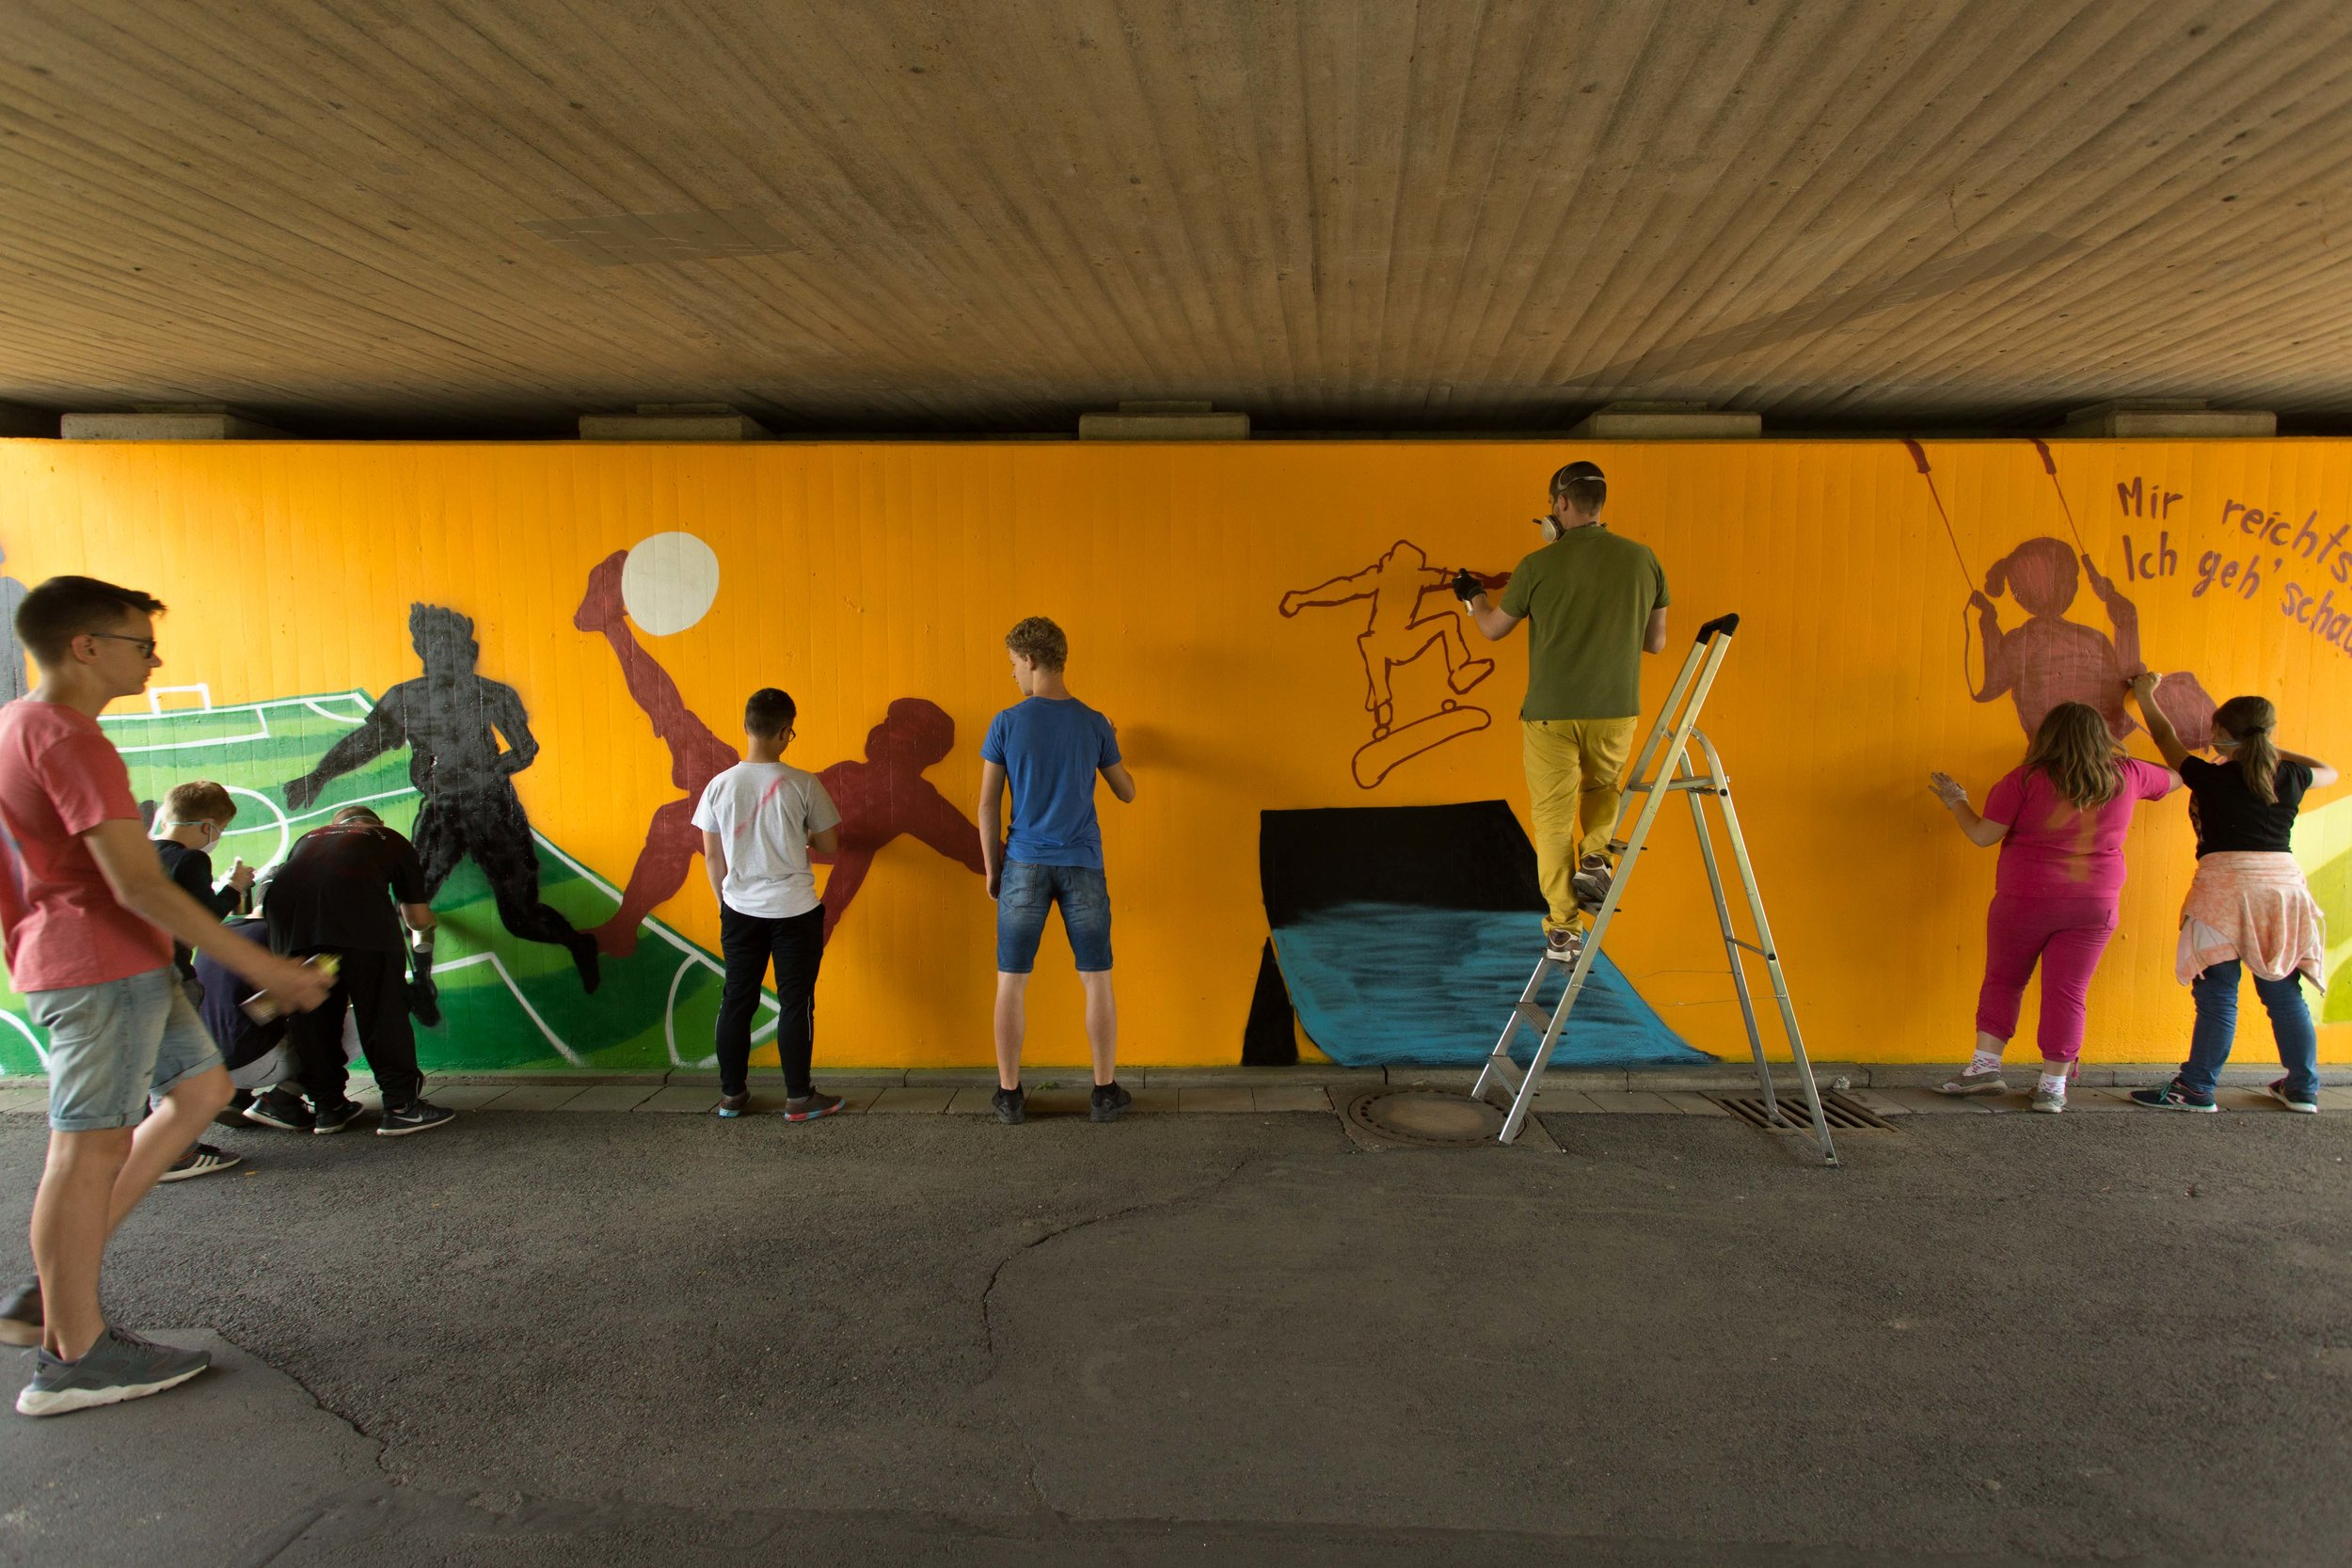 Kelsterbach_Graffitiworkshop-13.jpg